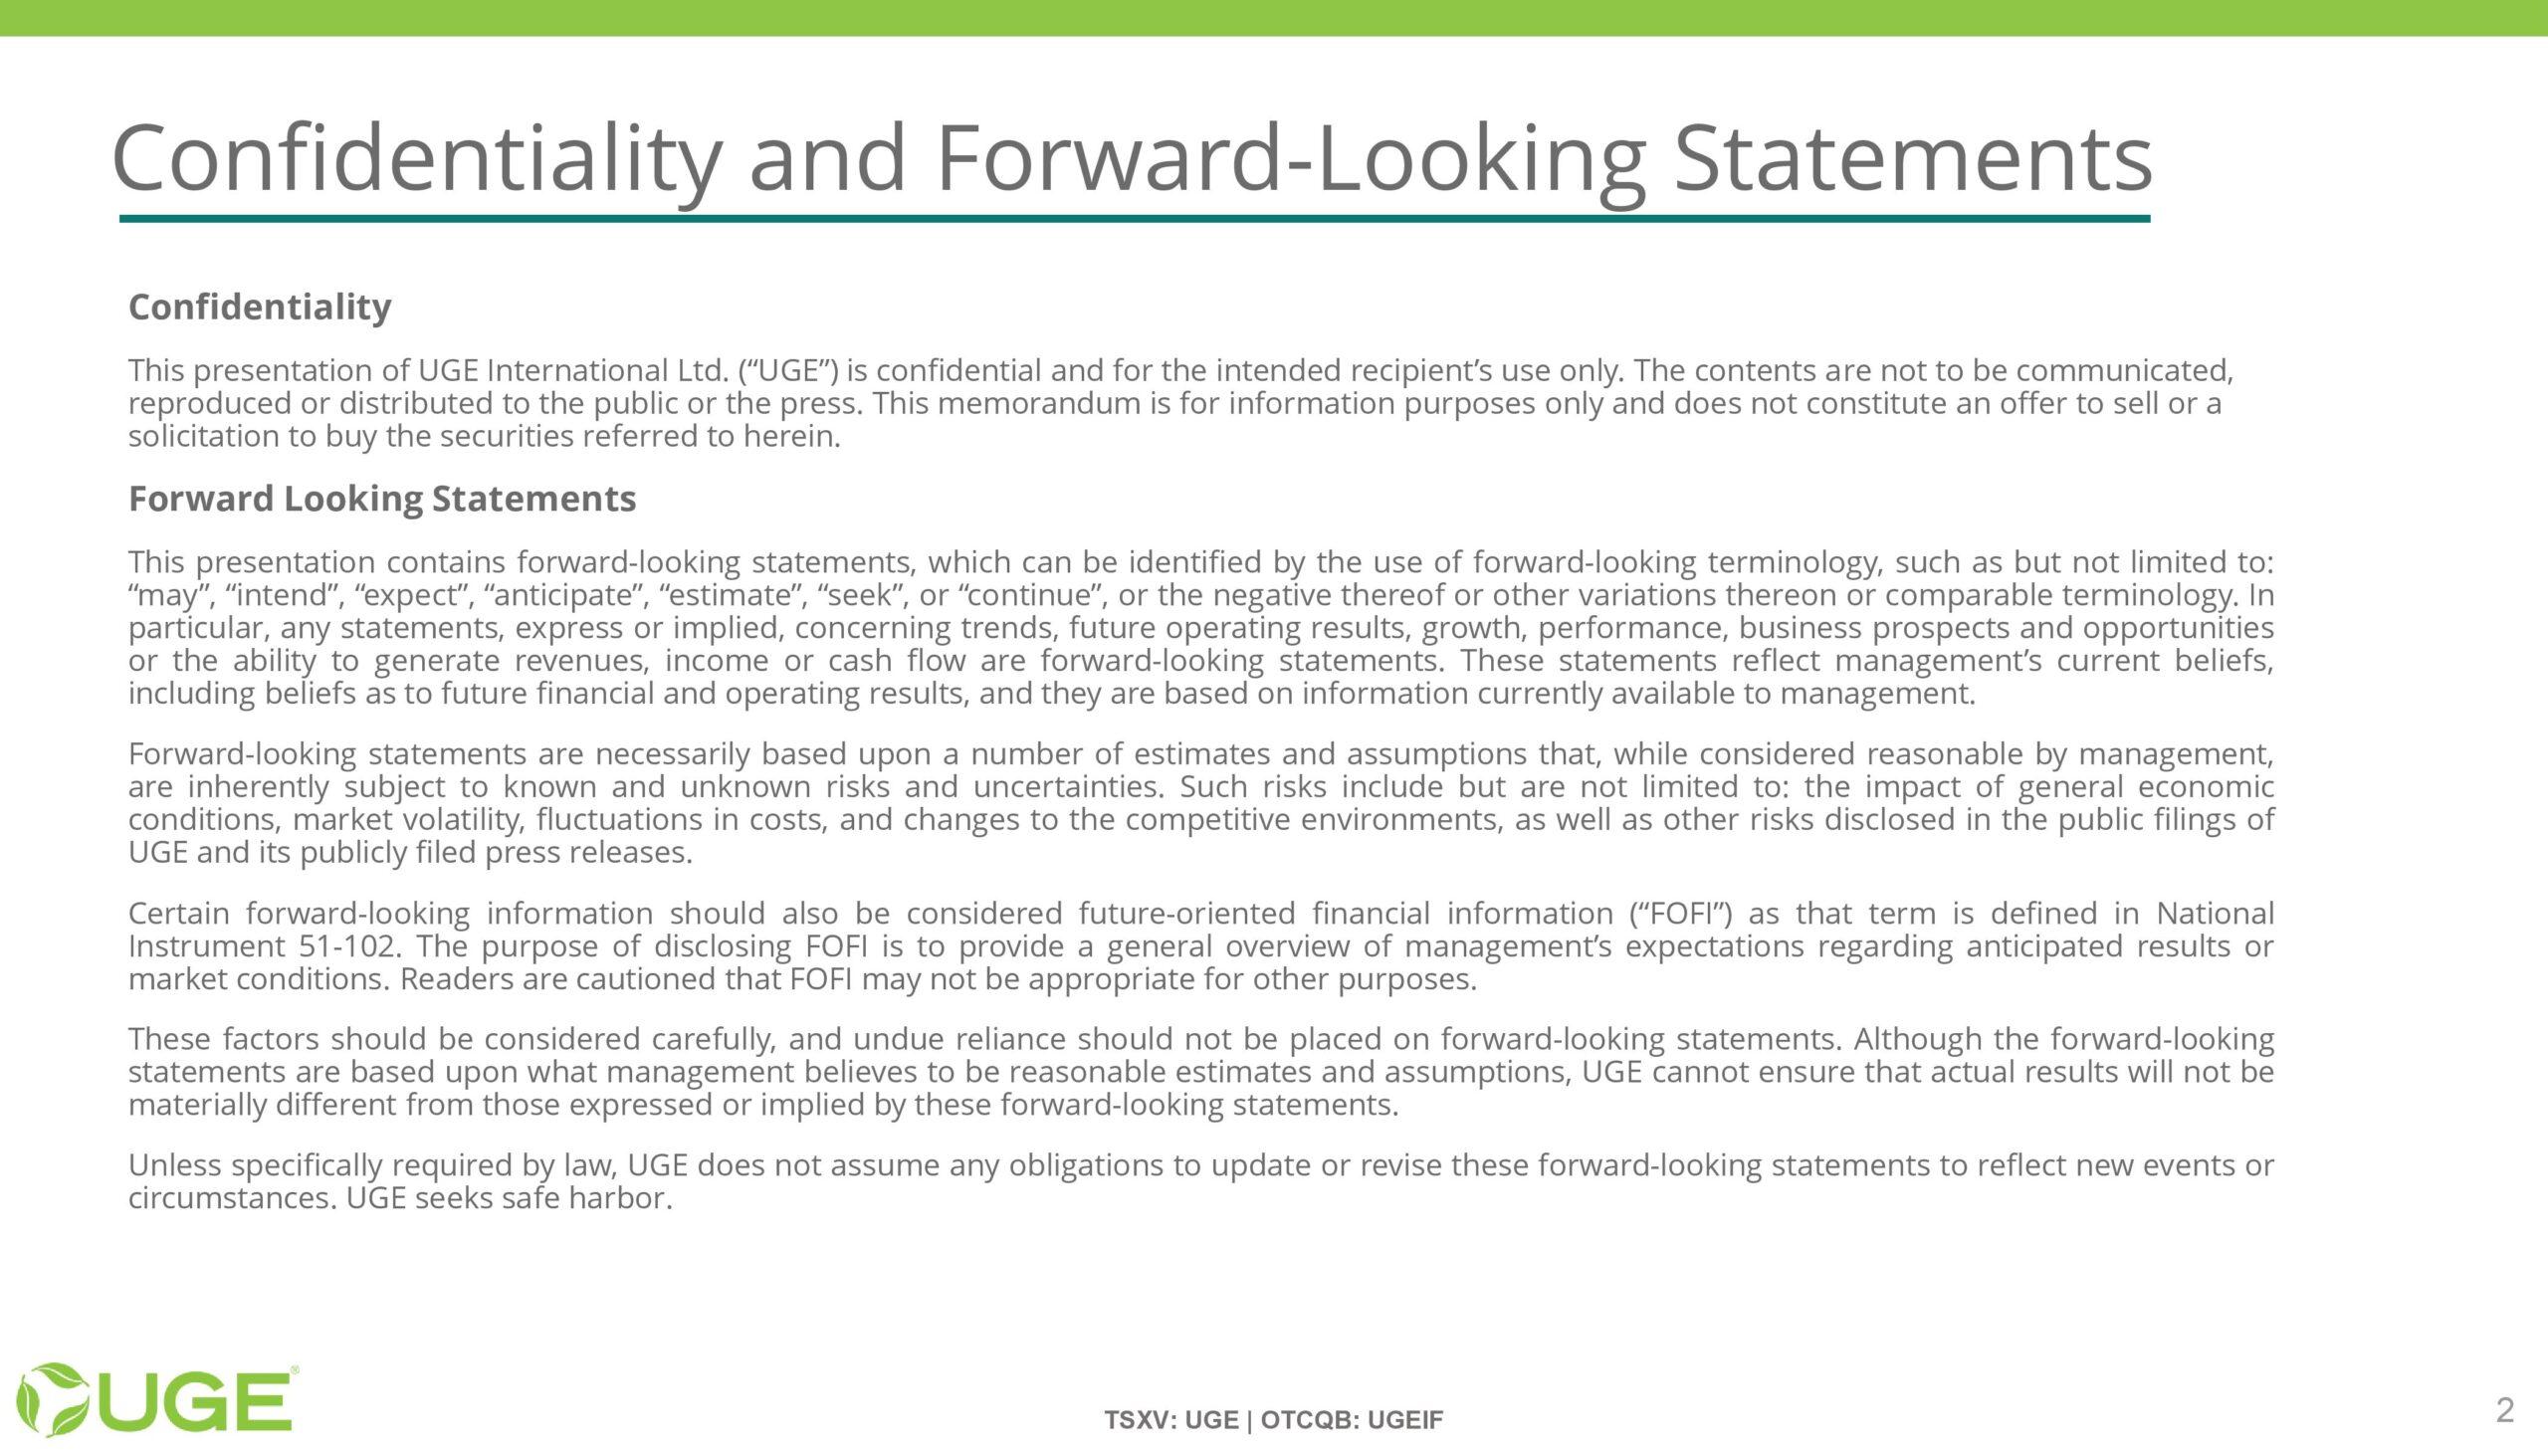 UGE Investor Presentation - 20211001-page-002